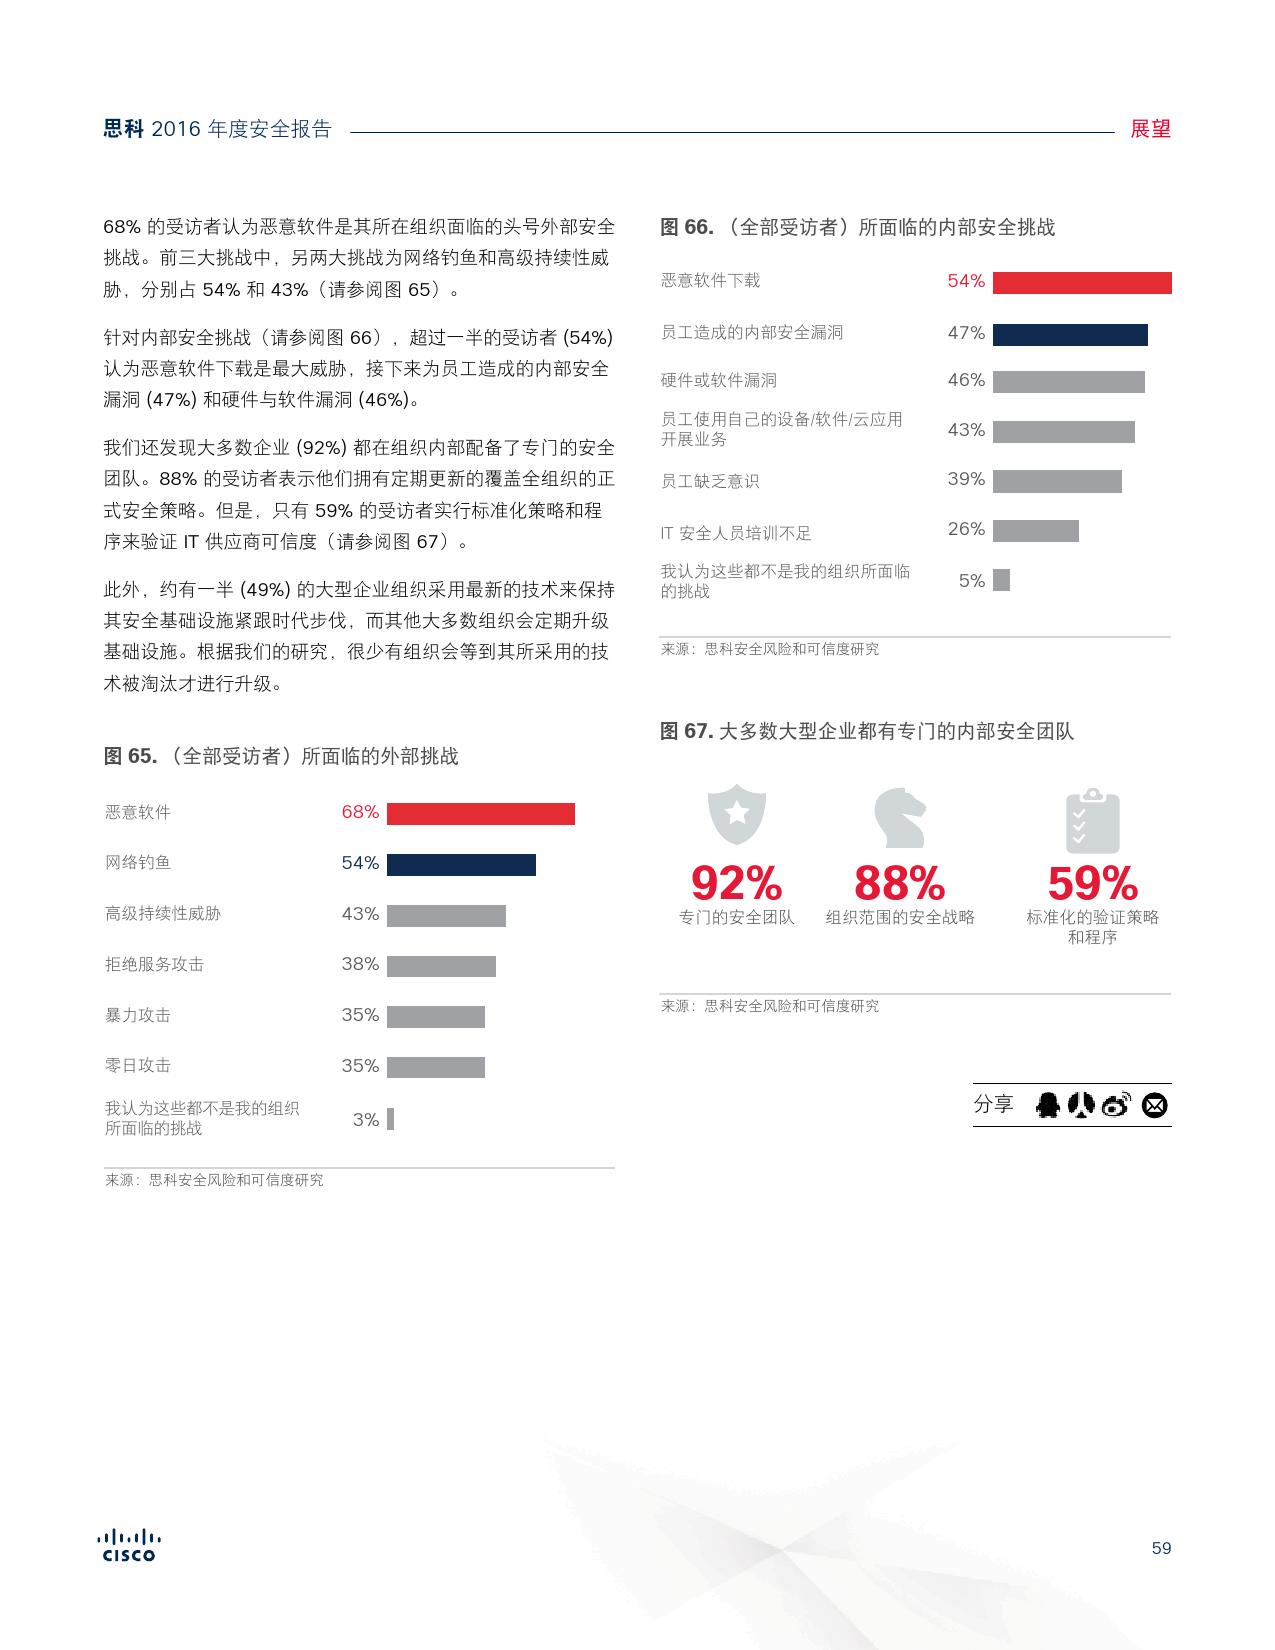 2016年中网络安全报告_000059